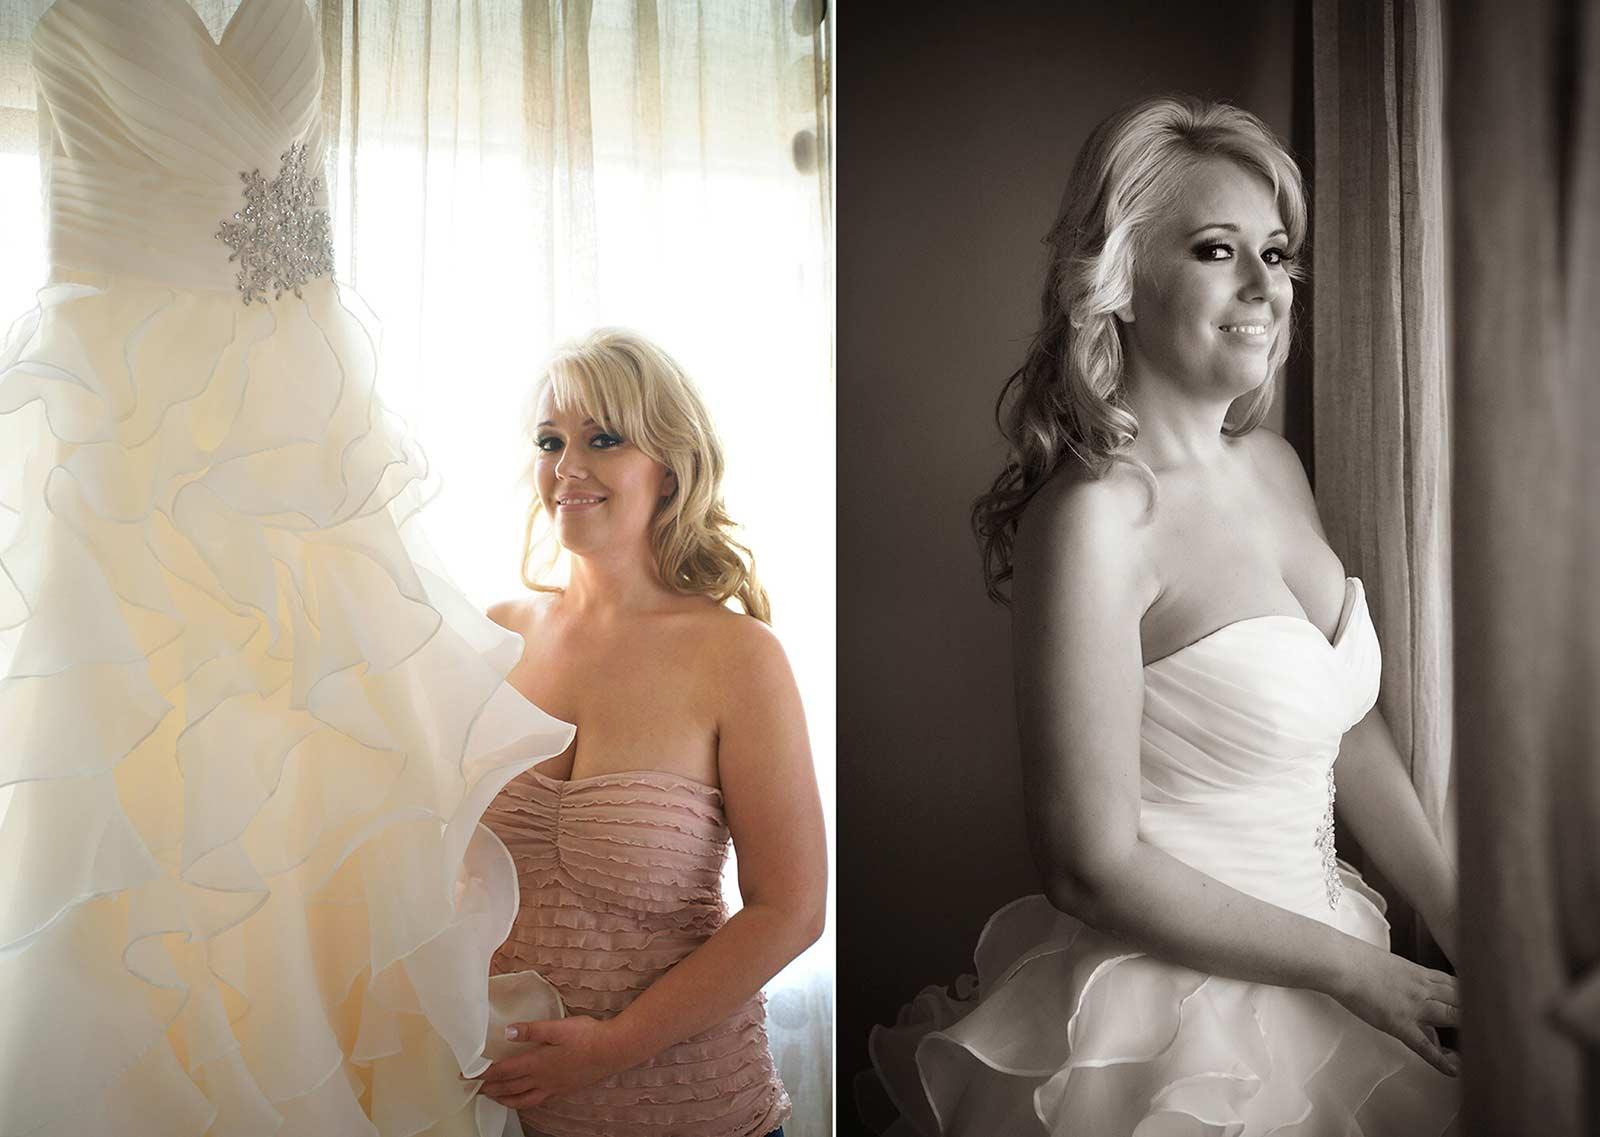 06 Hochzeitsfotograf Ober osterreich Hochzeit Braut